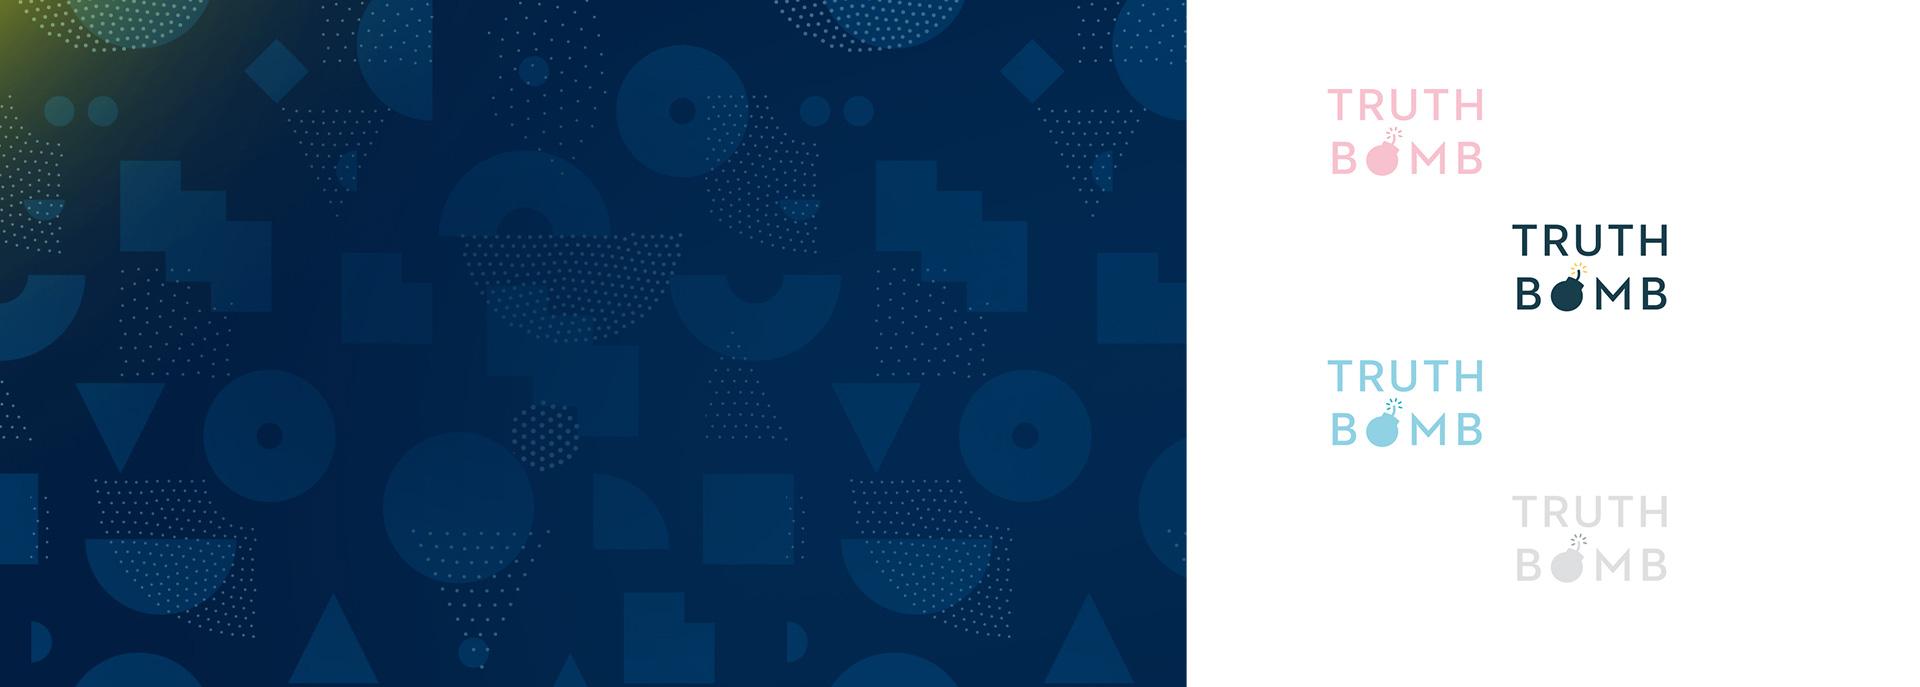 ZanBarnett-Branding-TB-Logo2.jpg